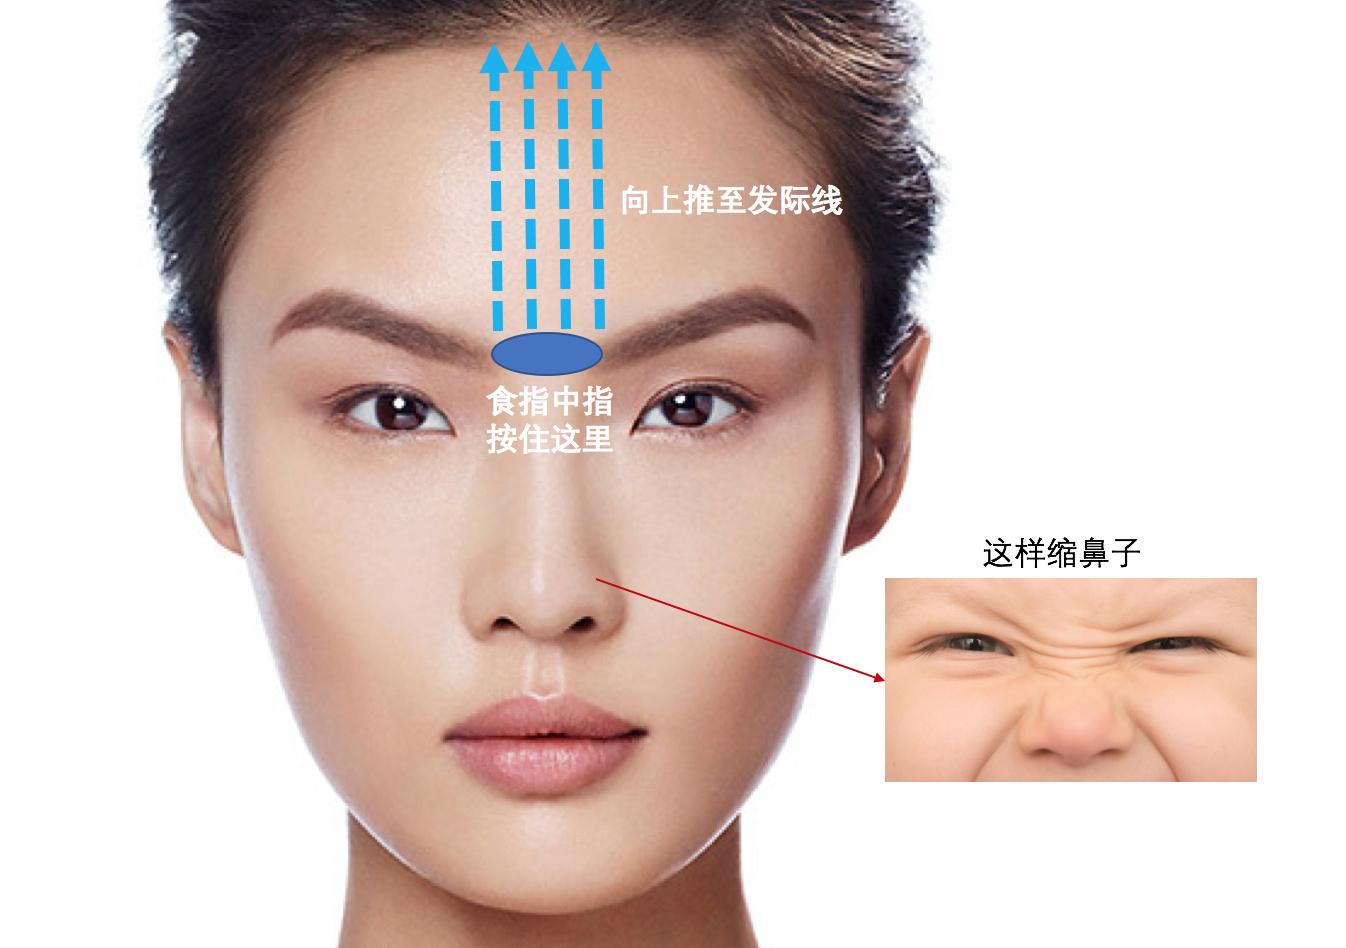 去川字纹最有效的方法:如何去除额头上的川字纹 消除眉间纹的肌肉训练